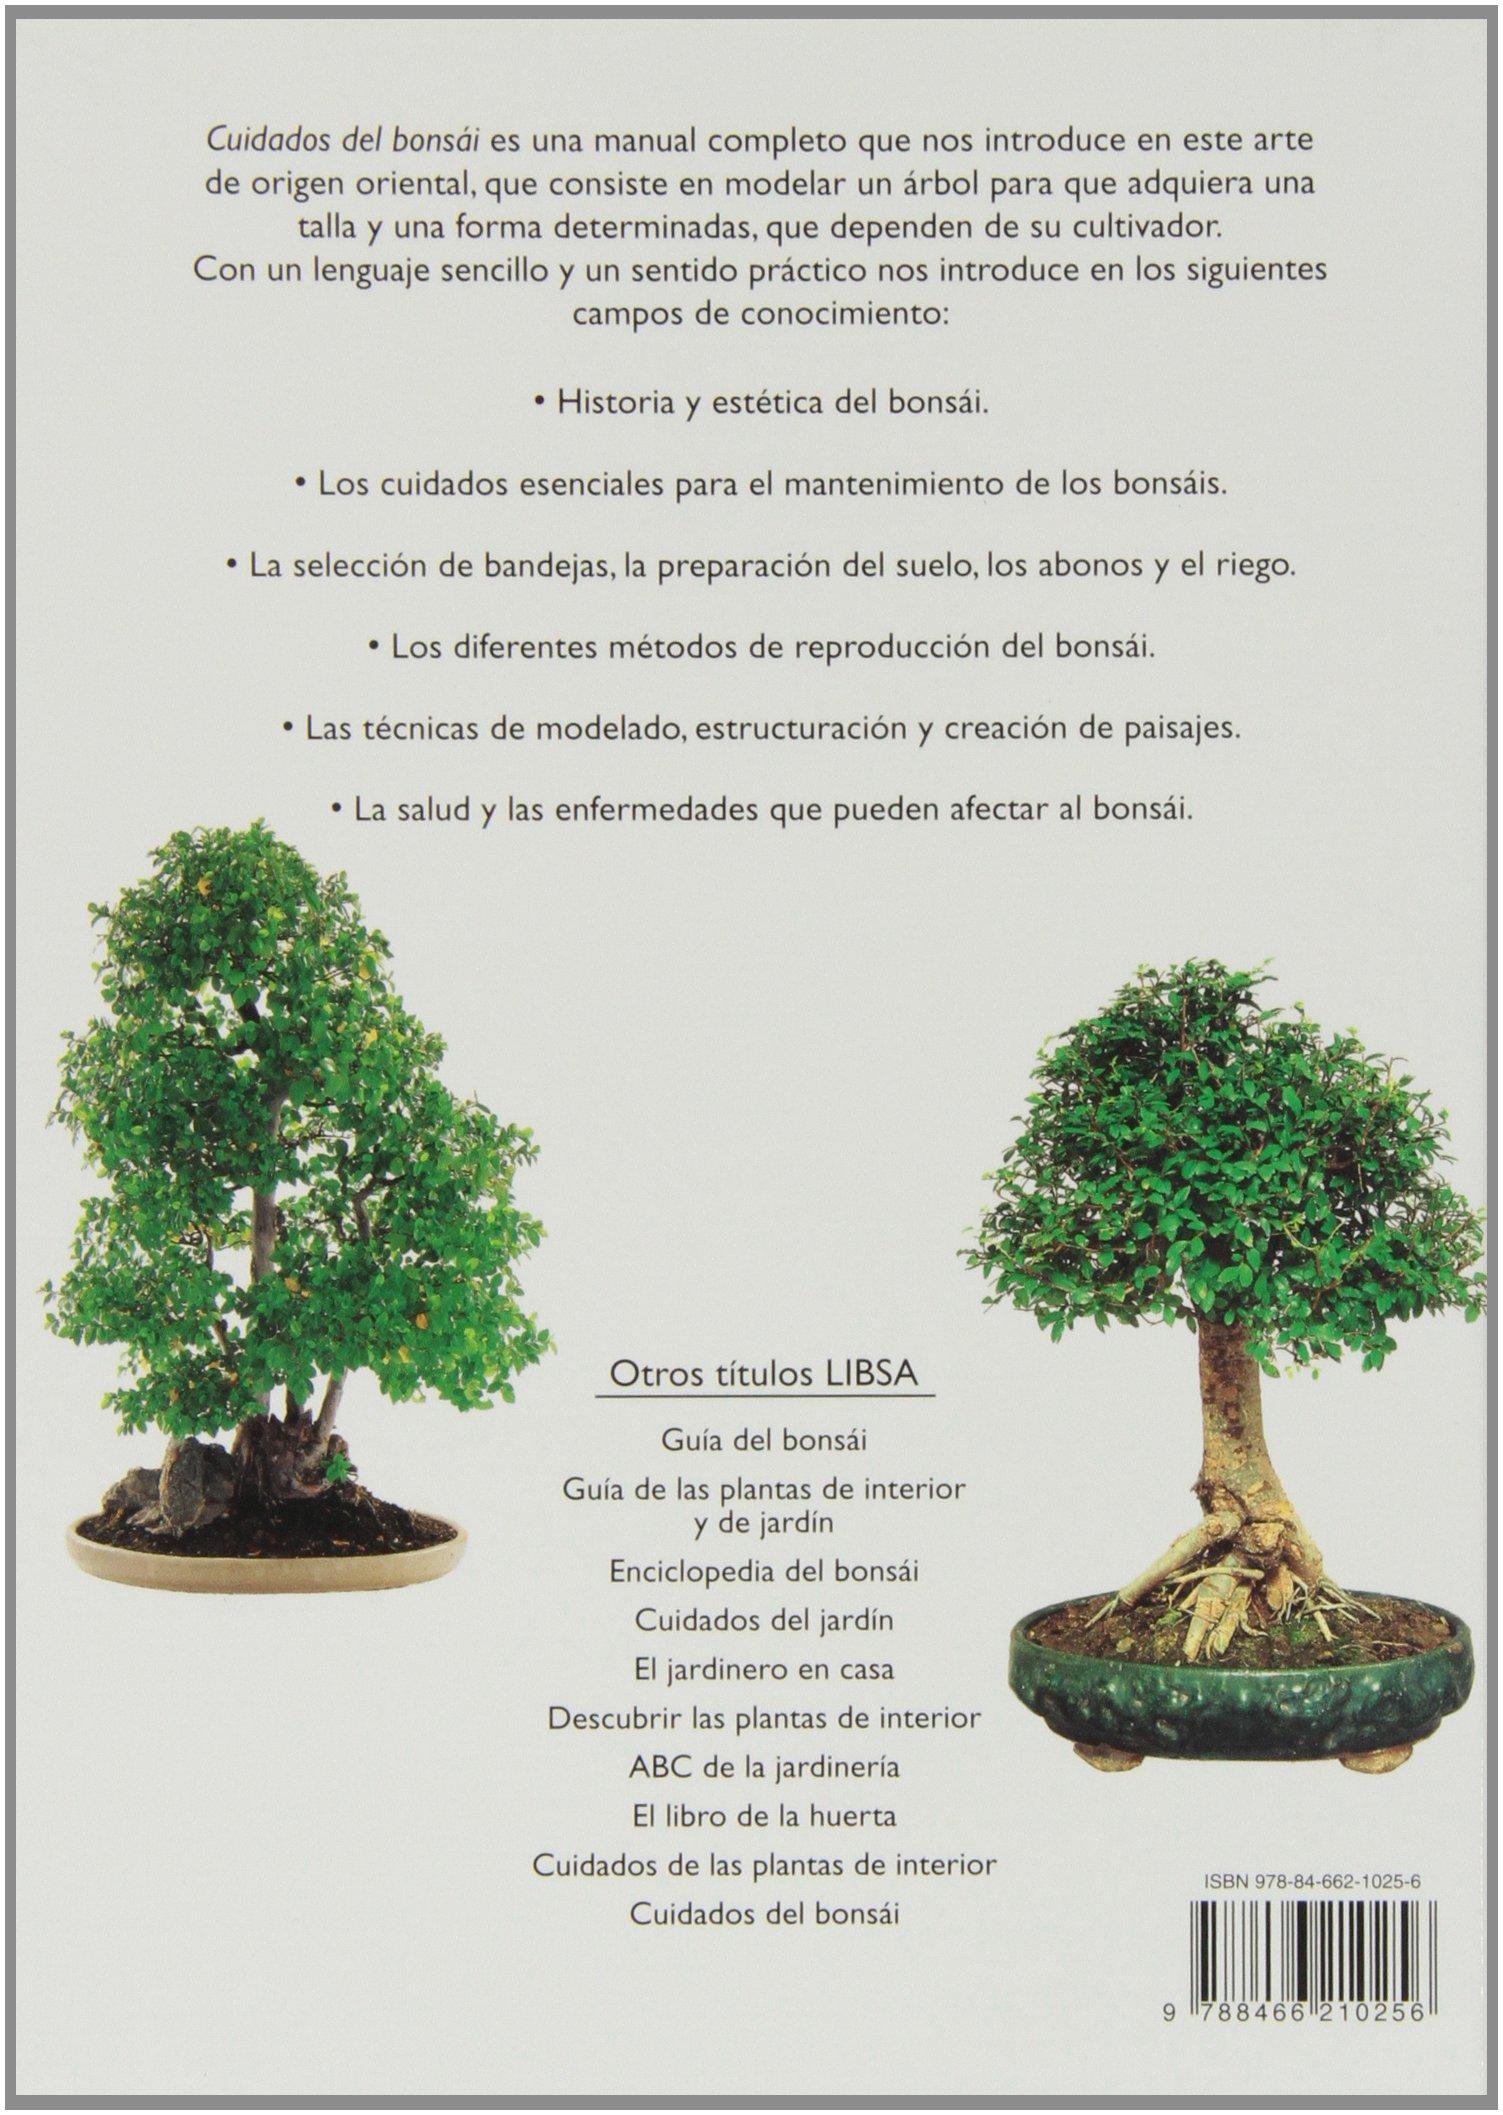 Cuidados del Bonsái: Una Guía Completa para el Cuidado del Bonsái, un Jardín en Miniatura Mimado con Arte Bonsáis: Amazon.es: Jorge Kinjo, Lucrecia Pérsico: ...